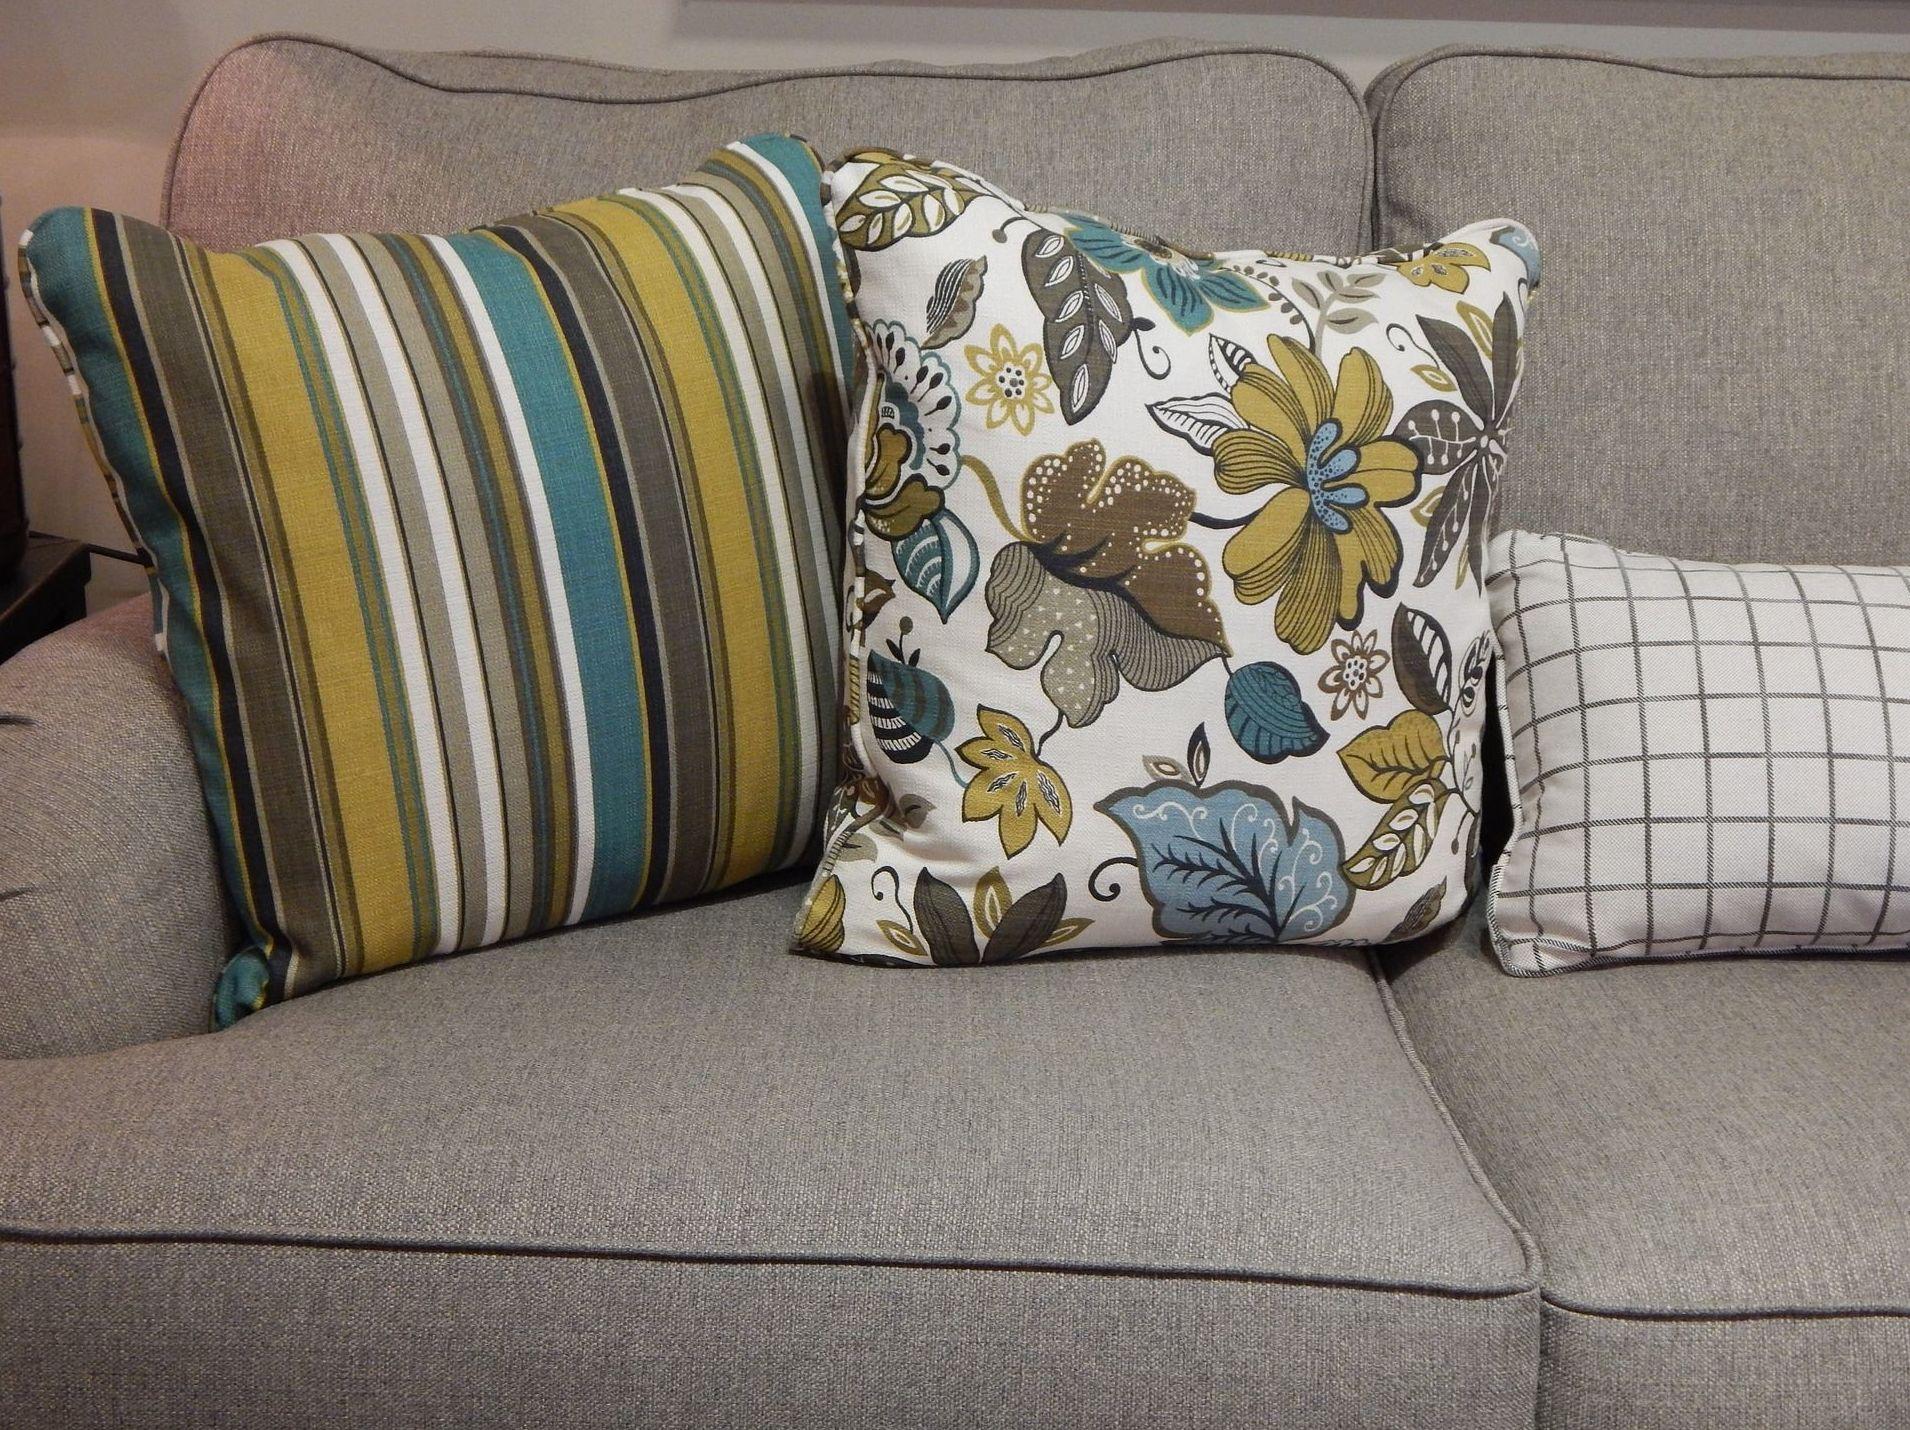 Fabricación y tapizado de sofás a medida en Valladolid